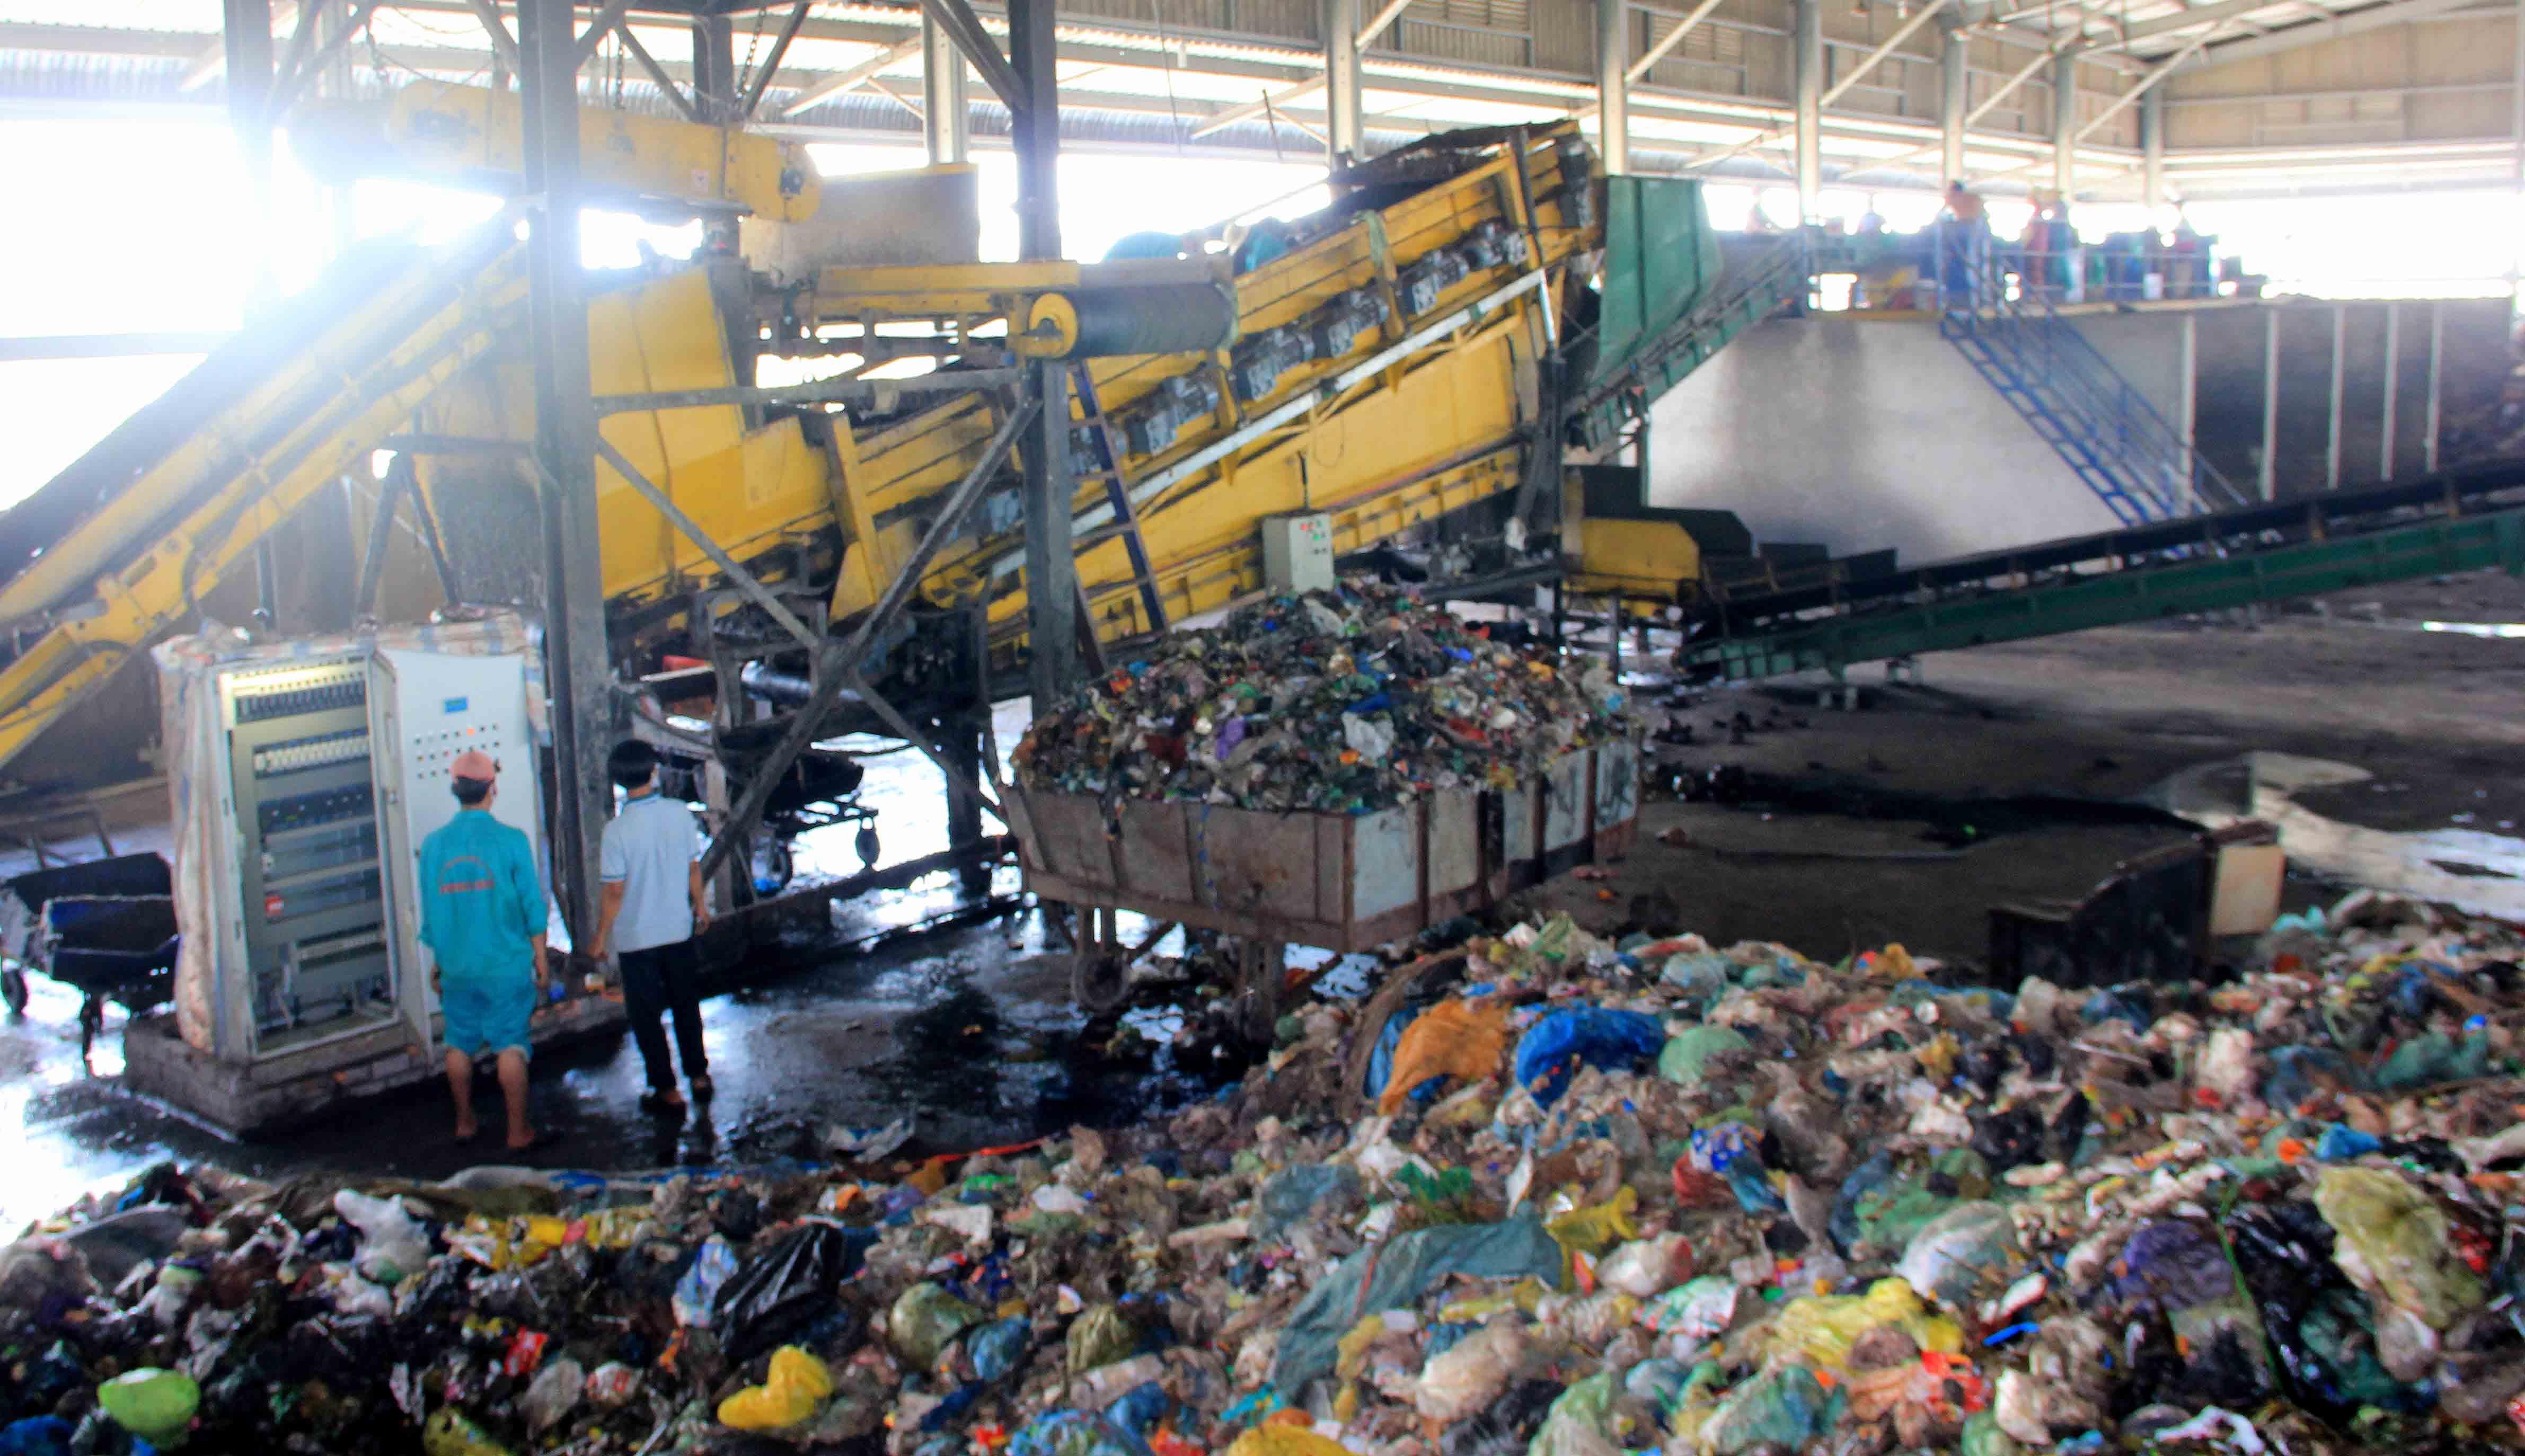 Nhà máy xử lý rác thải hơn 130 tỷ đồng: 4 năm 3 đời chủ vẫn không hiệu quả